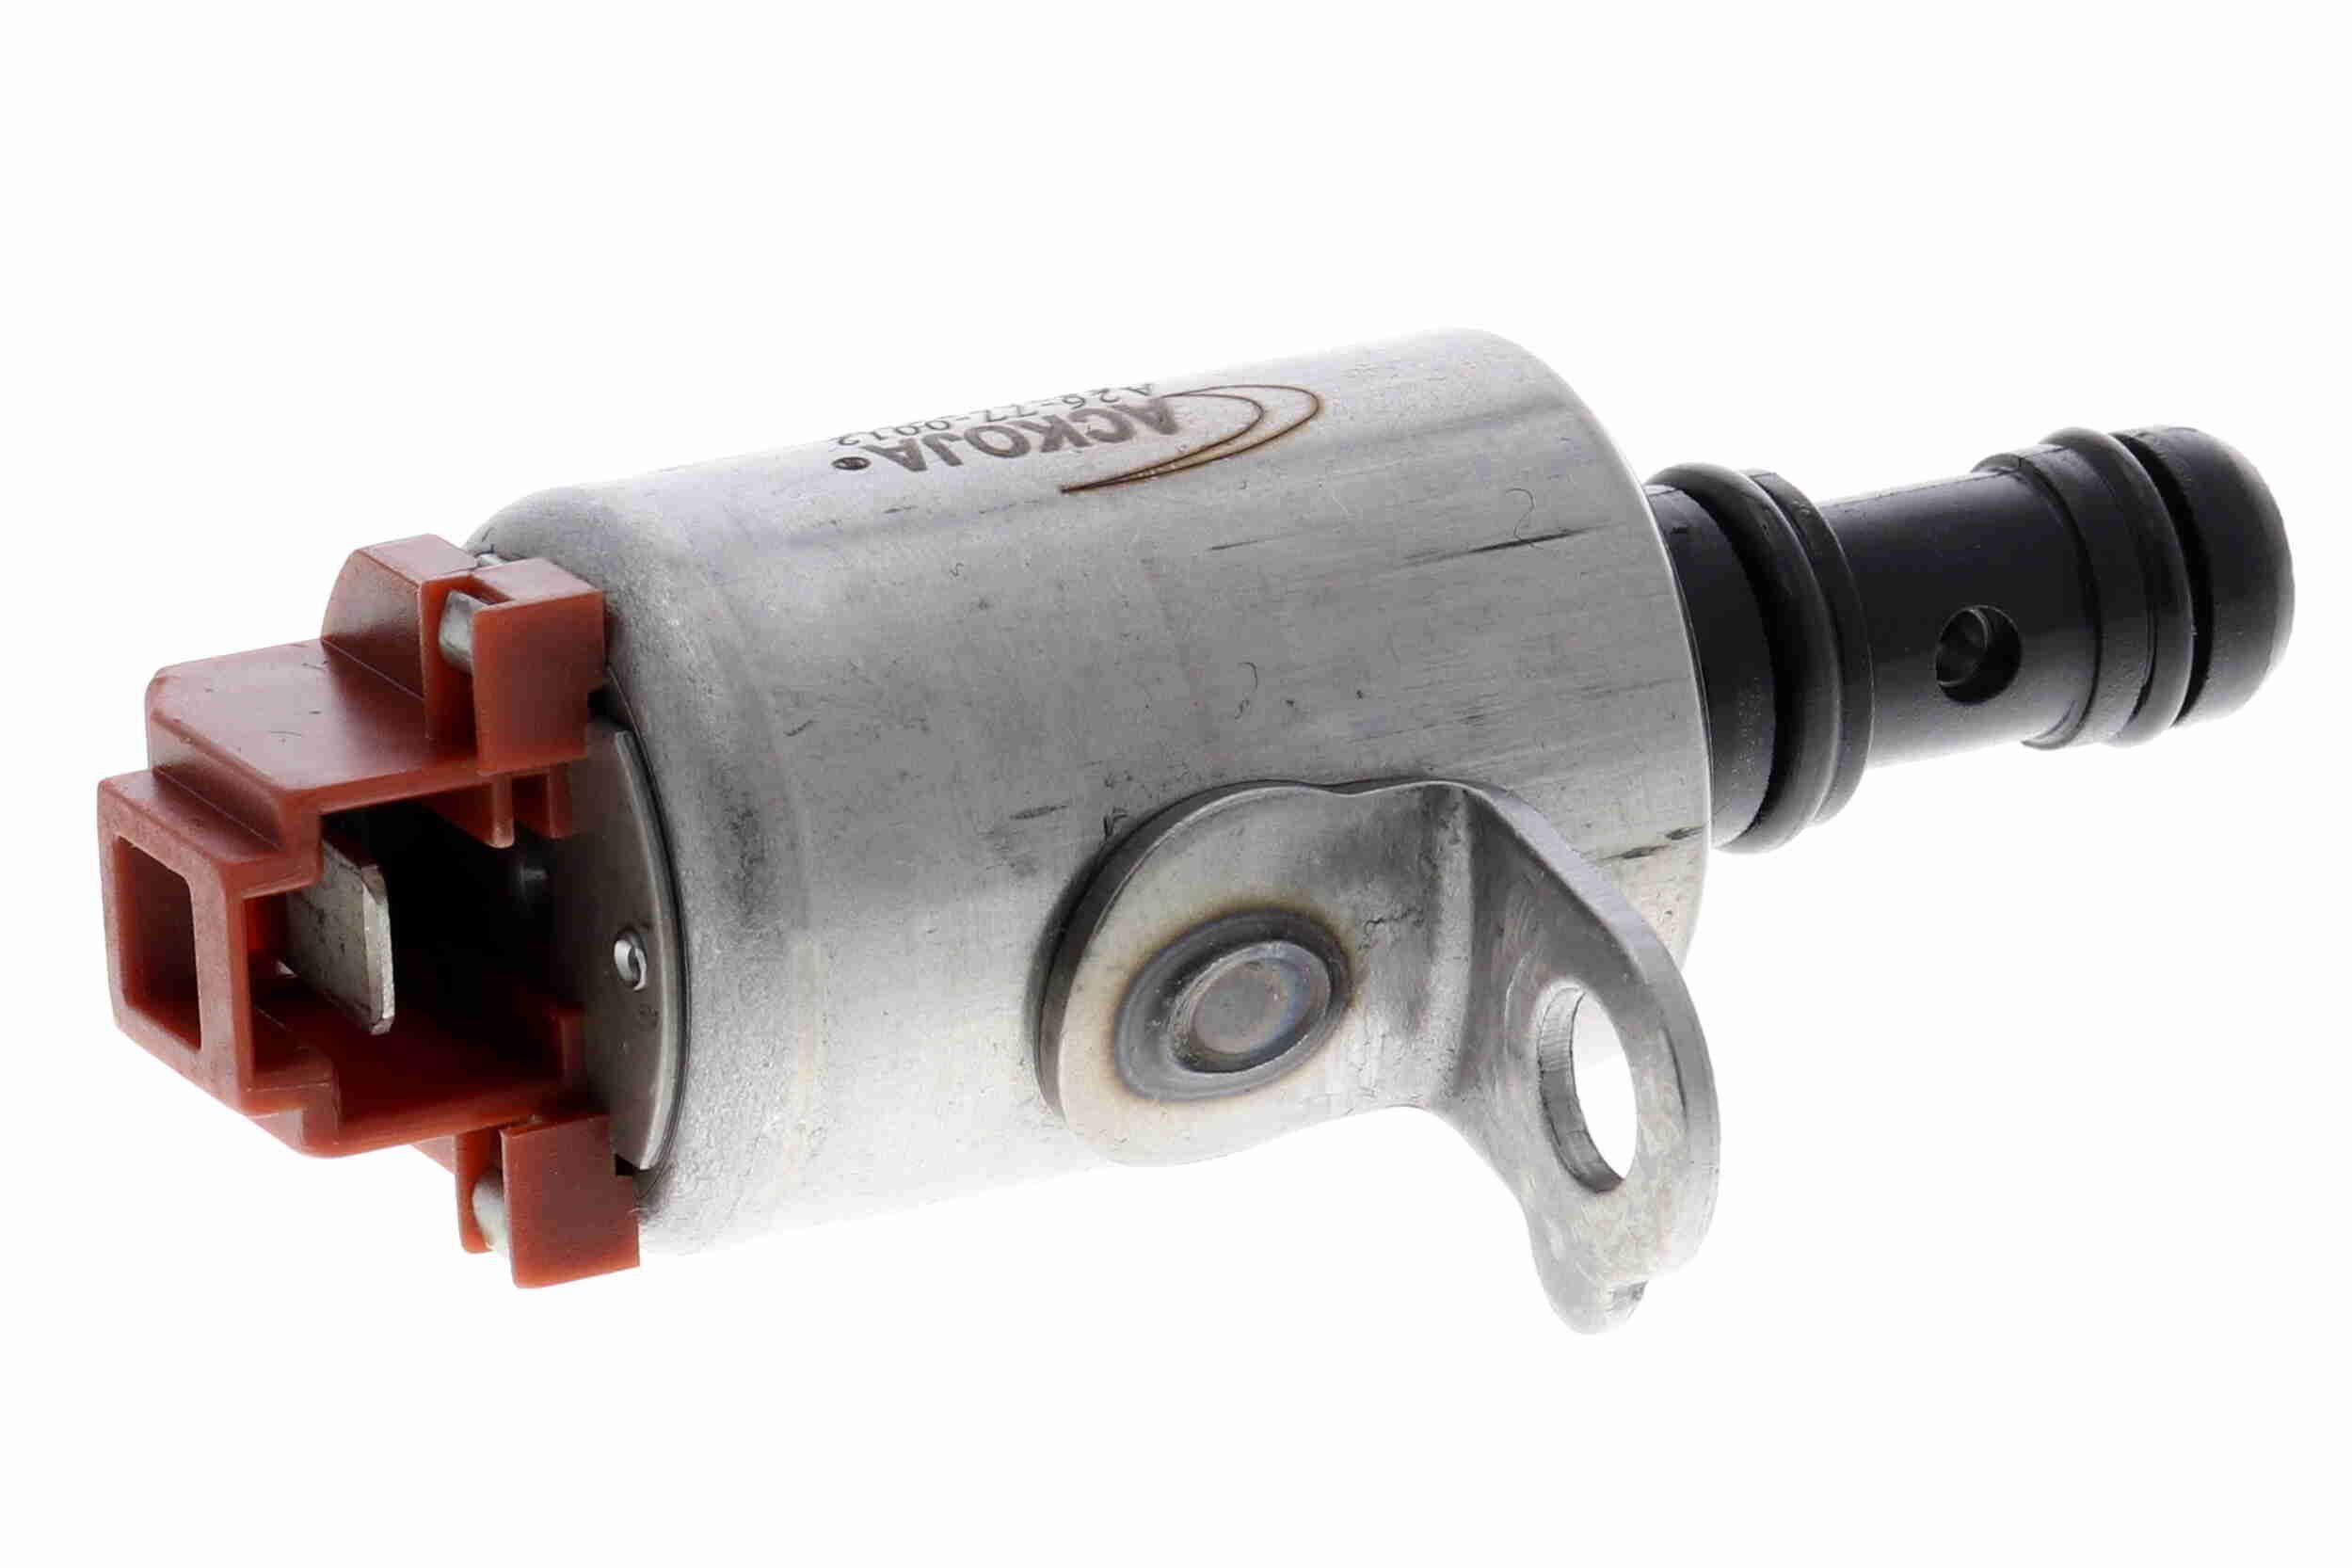 HONDA STREAM 2020 Schaltventil, Automatikgetriebe - Original ACKOJA A26-77-0012